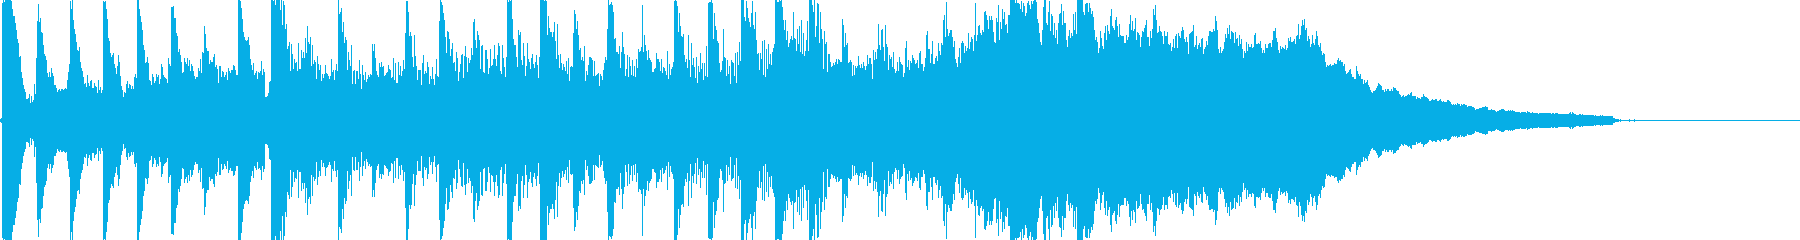 15秒CM尺_近未来へ向けた生産会社の再生済みの波形